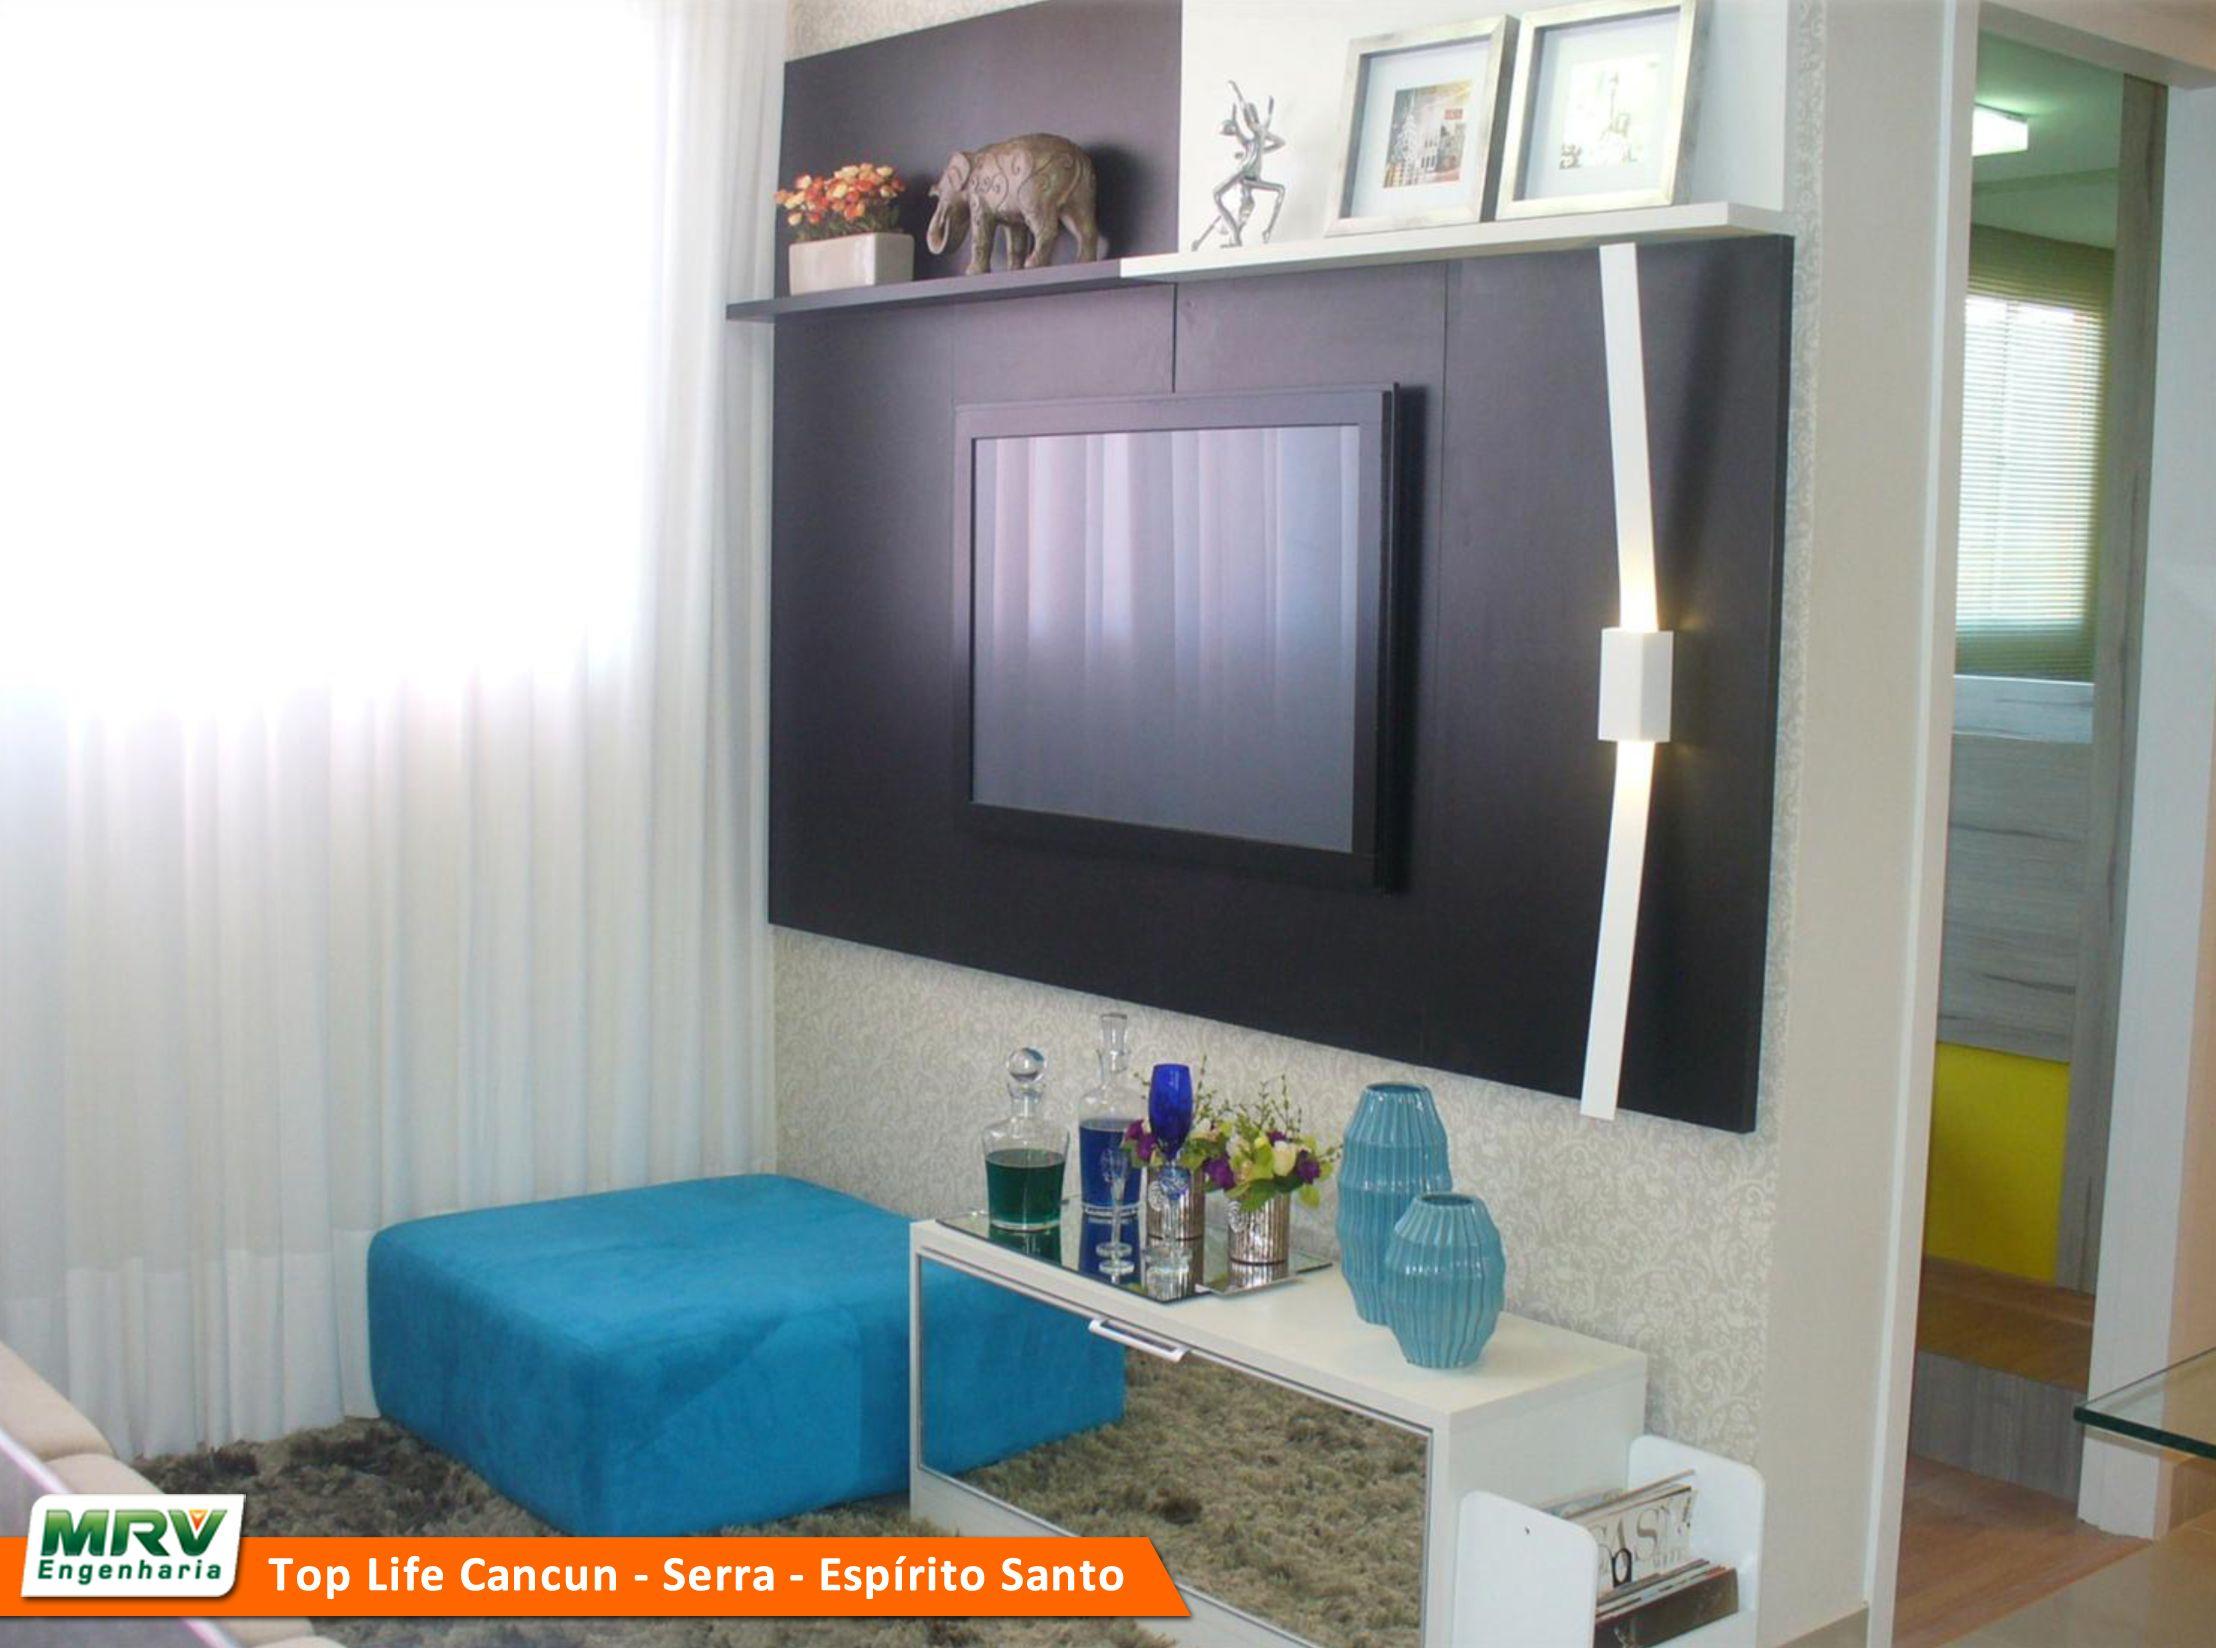 #C75104 Apartamento decorado 2 quartos do Top Life Cancun no bairro Novo  2216x1648 píxeis em Apartamento Decorado 2 Quartos